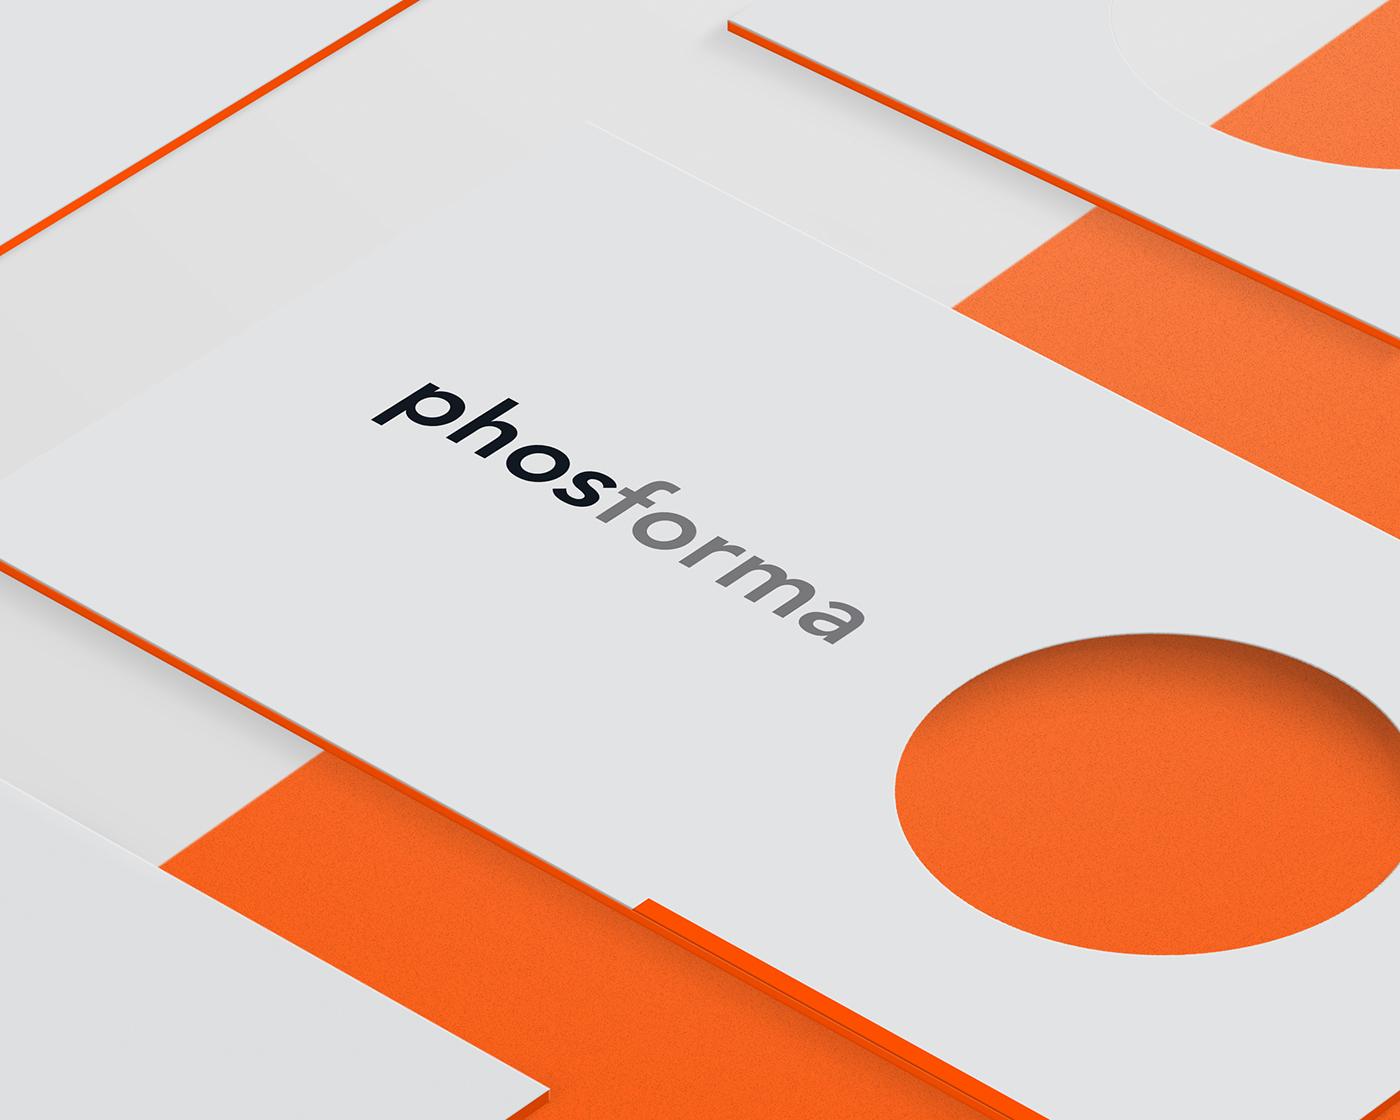 Phosfroma - Branding